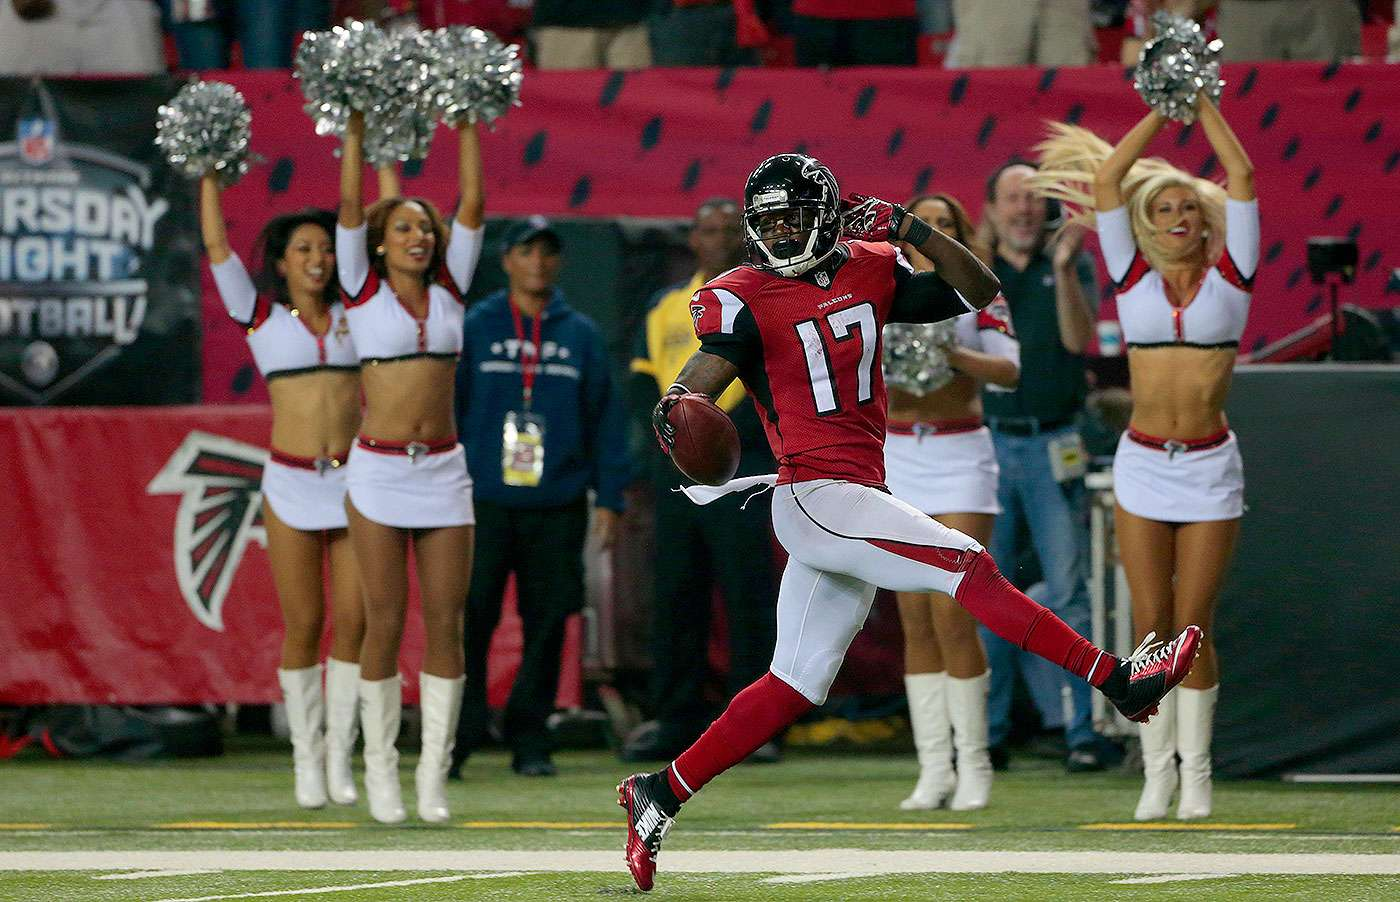 Matt Ryan, Julio Jones y Devin Hester llevaron a los Atlanta Falcons a una de las mayores victorias en la historia de la franquicia al aplastar por 56-14 a los Tampa Bay Buccaneers en el inicio de la semana 3 de la NFL 2014. Foto: AP